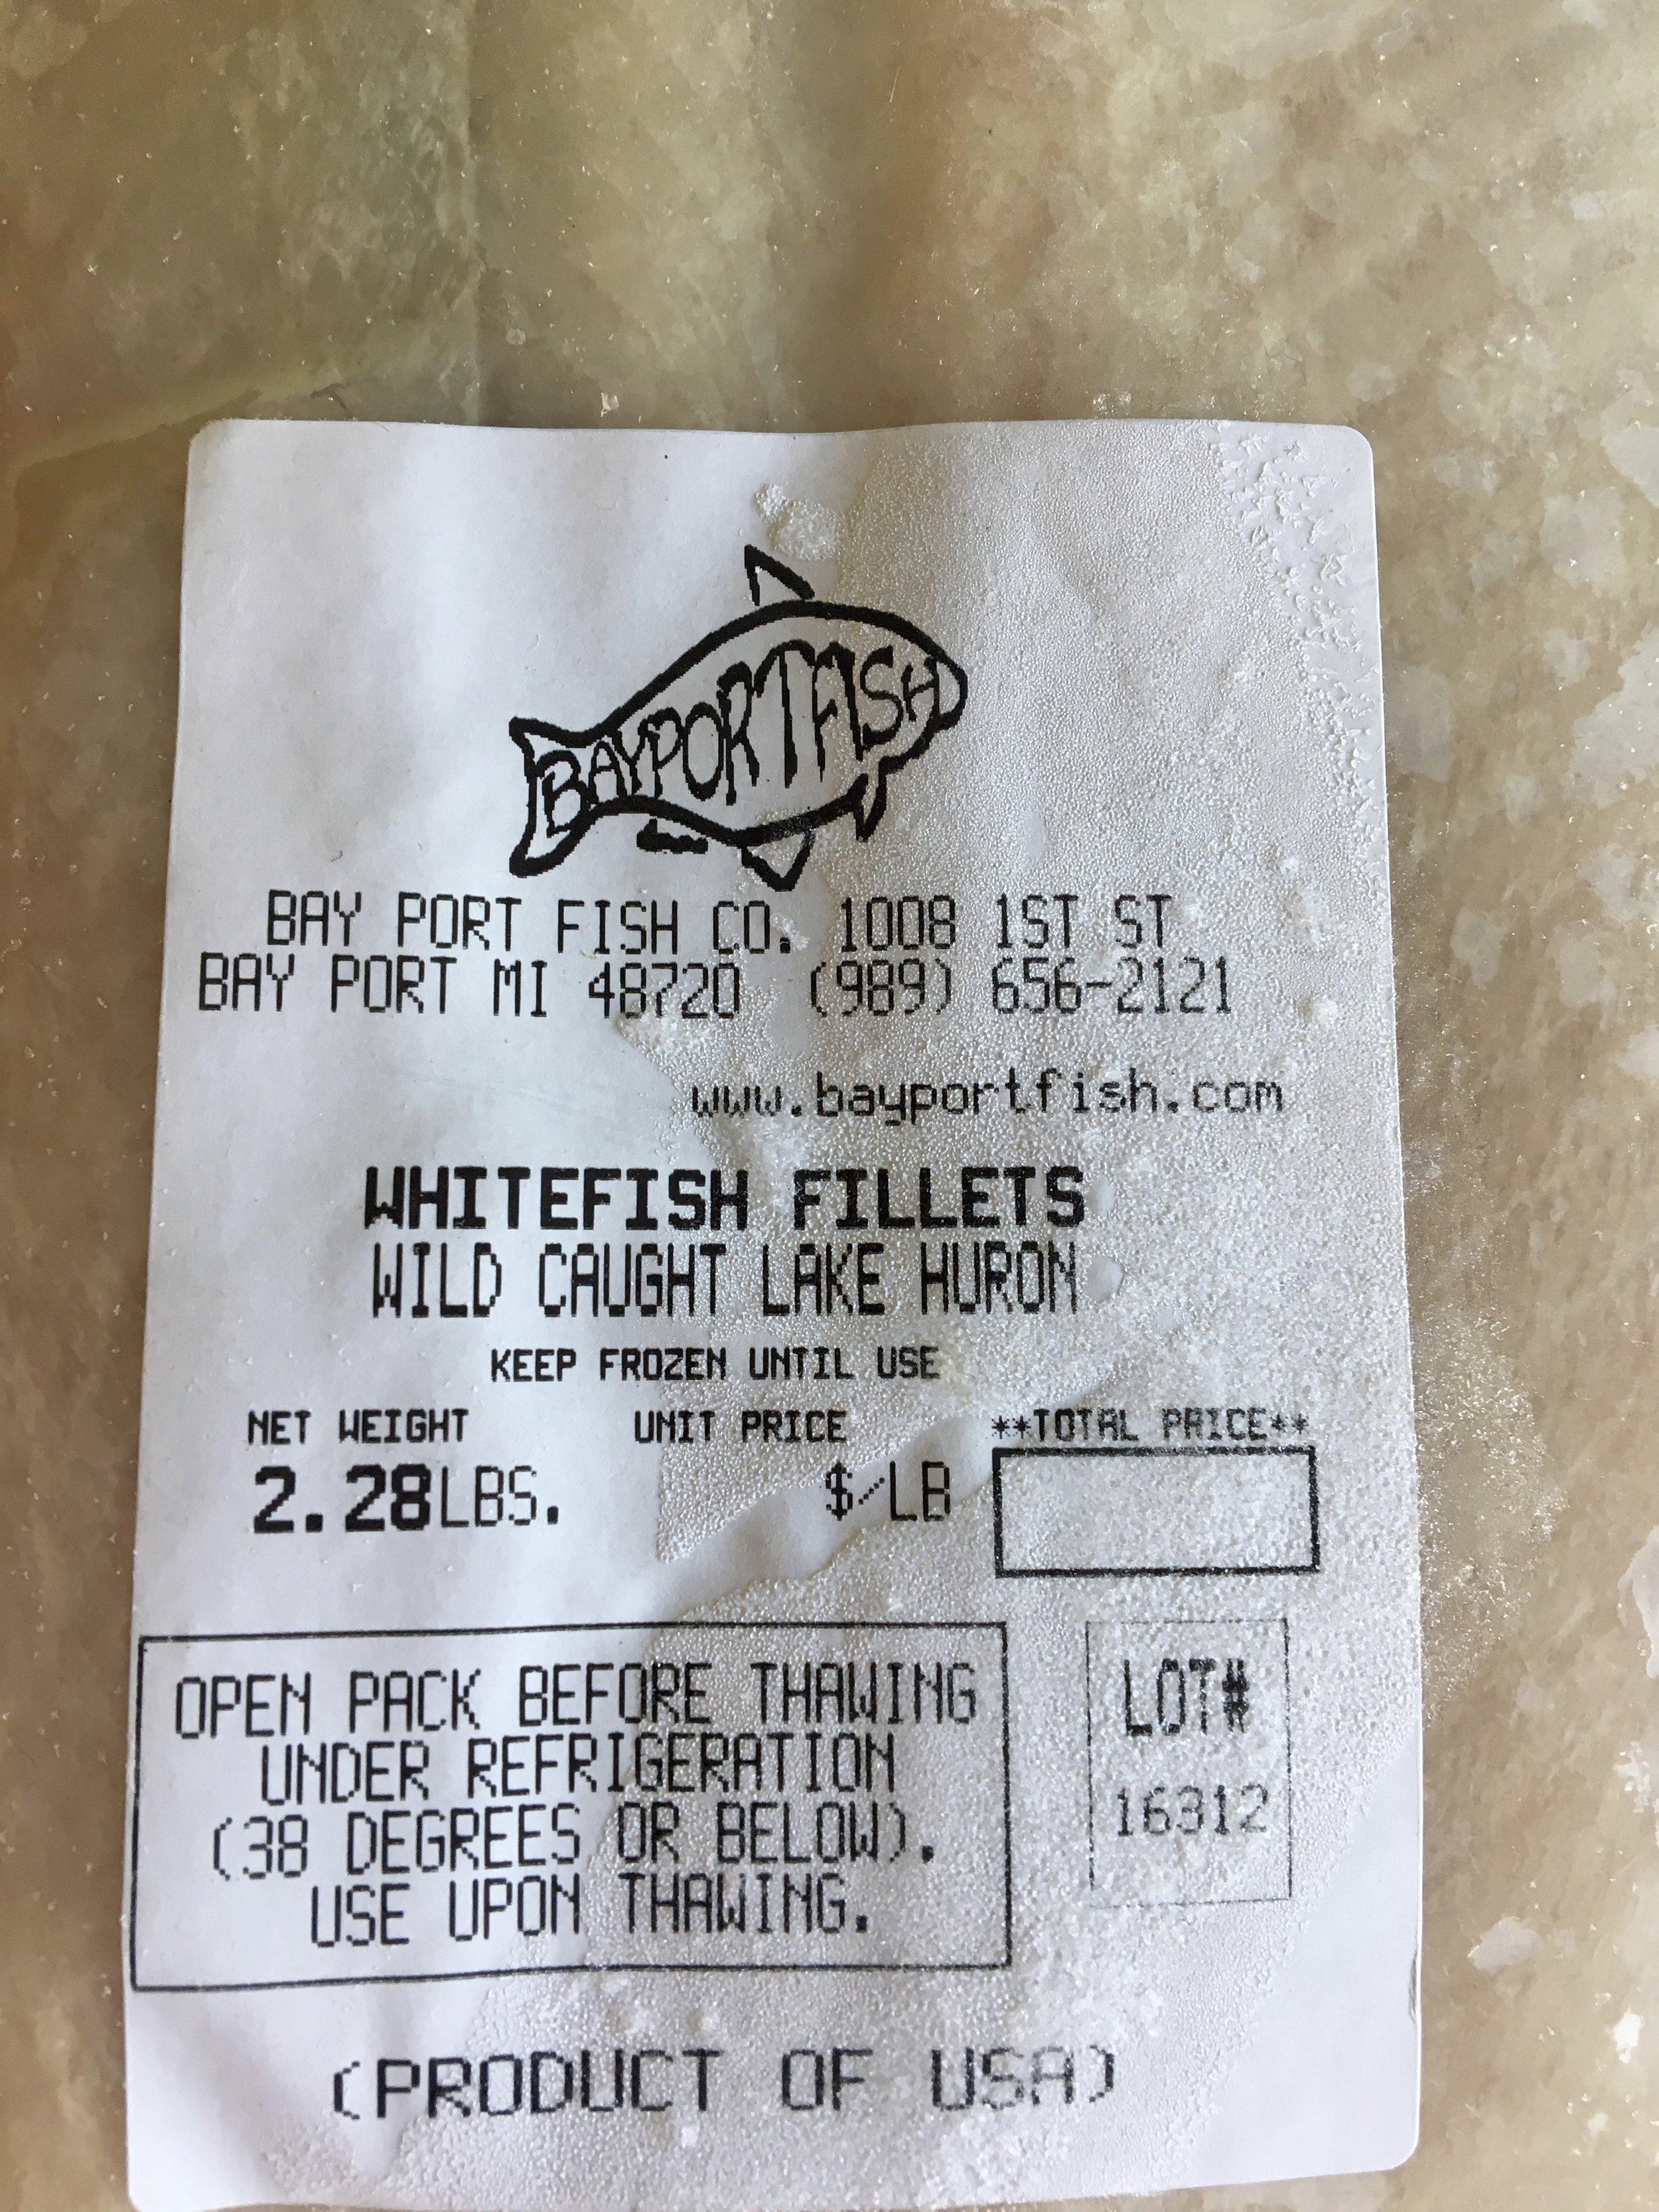 wild caught lake huron whitefish